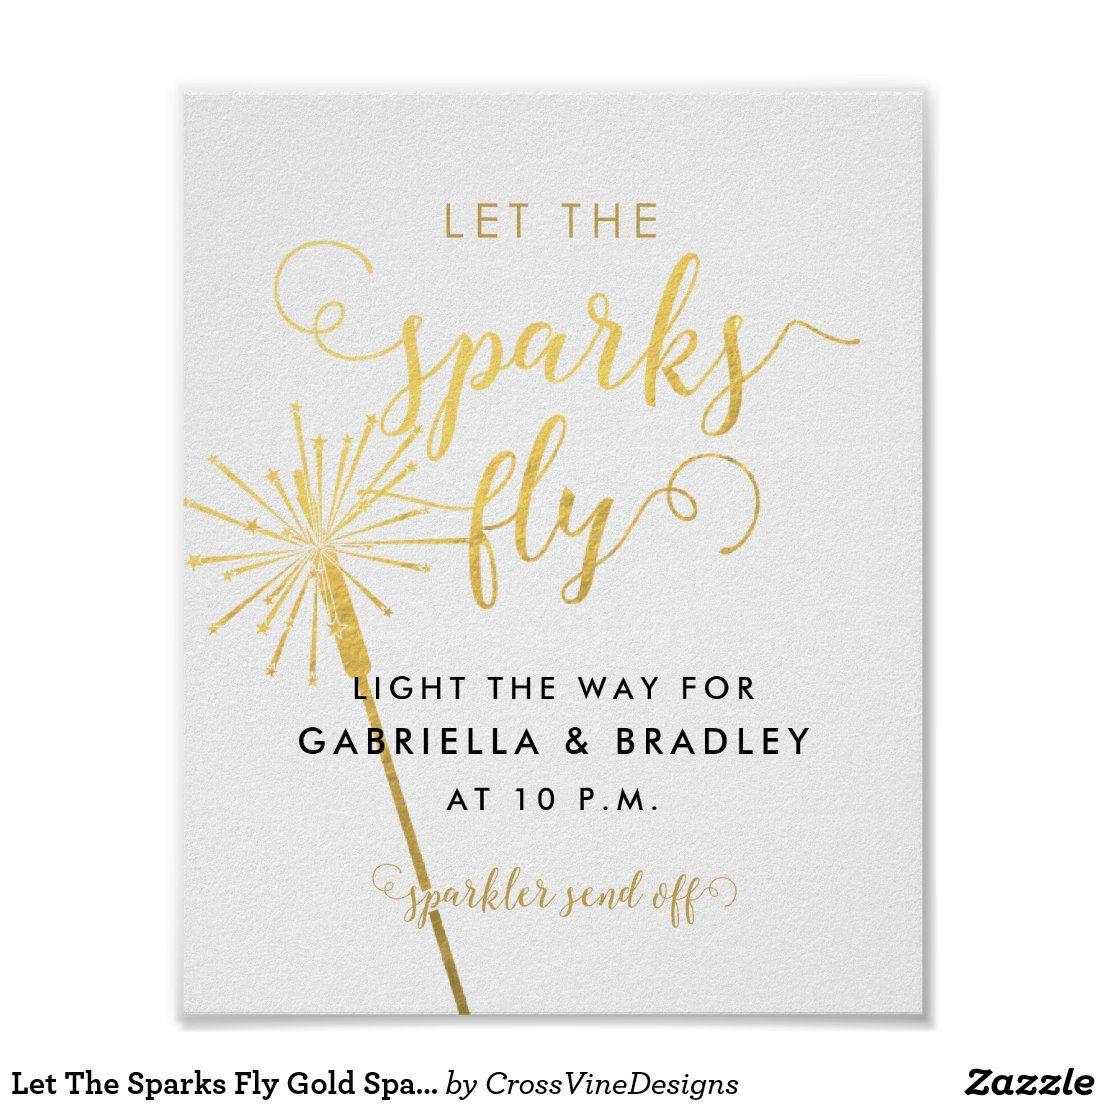 Let The Sparks Fly Gold Sparkler Send Off Sign Zazzle Com In 2021 Sparkler Send Off Sparklers Sparkler Sign